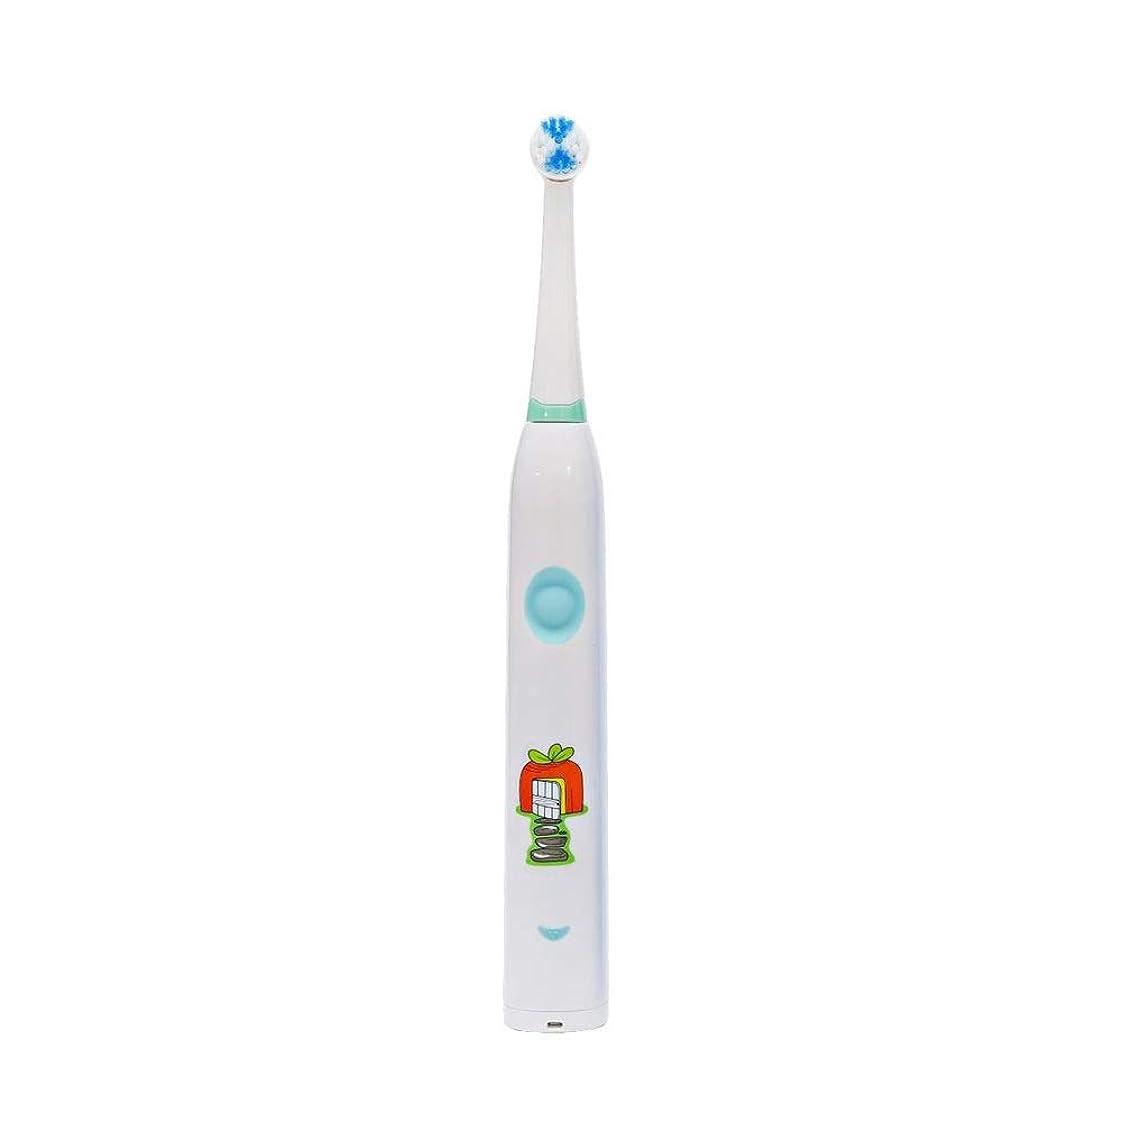 重力オセアニア五月電動歯ブラシ 子供の電動歯ブラシかわいいUSB充電式歯ブラシ、毎日の使用 大人と子供向け (色 : 白, サイズ : Free size)